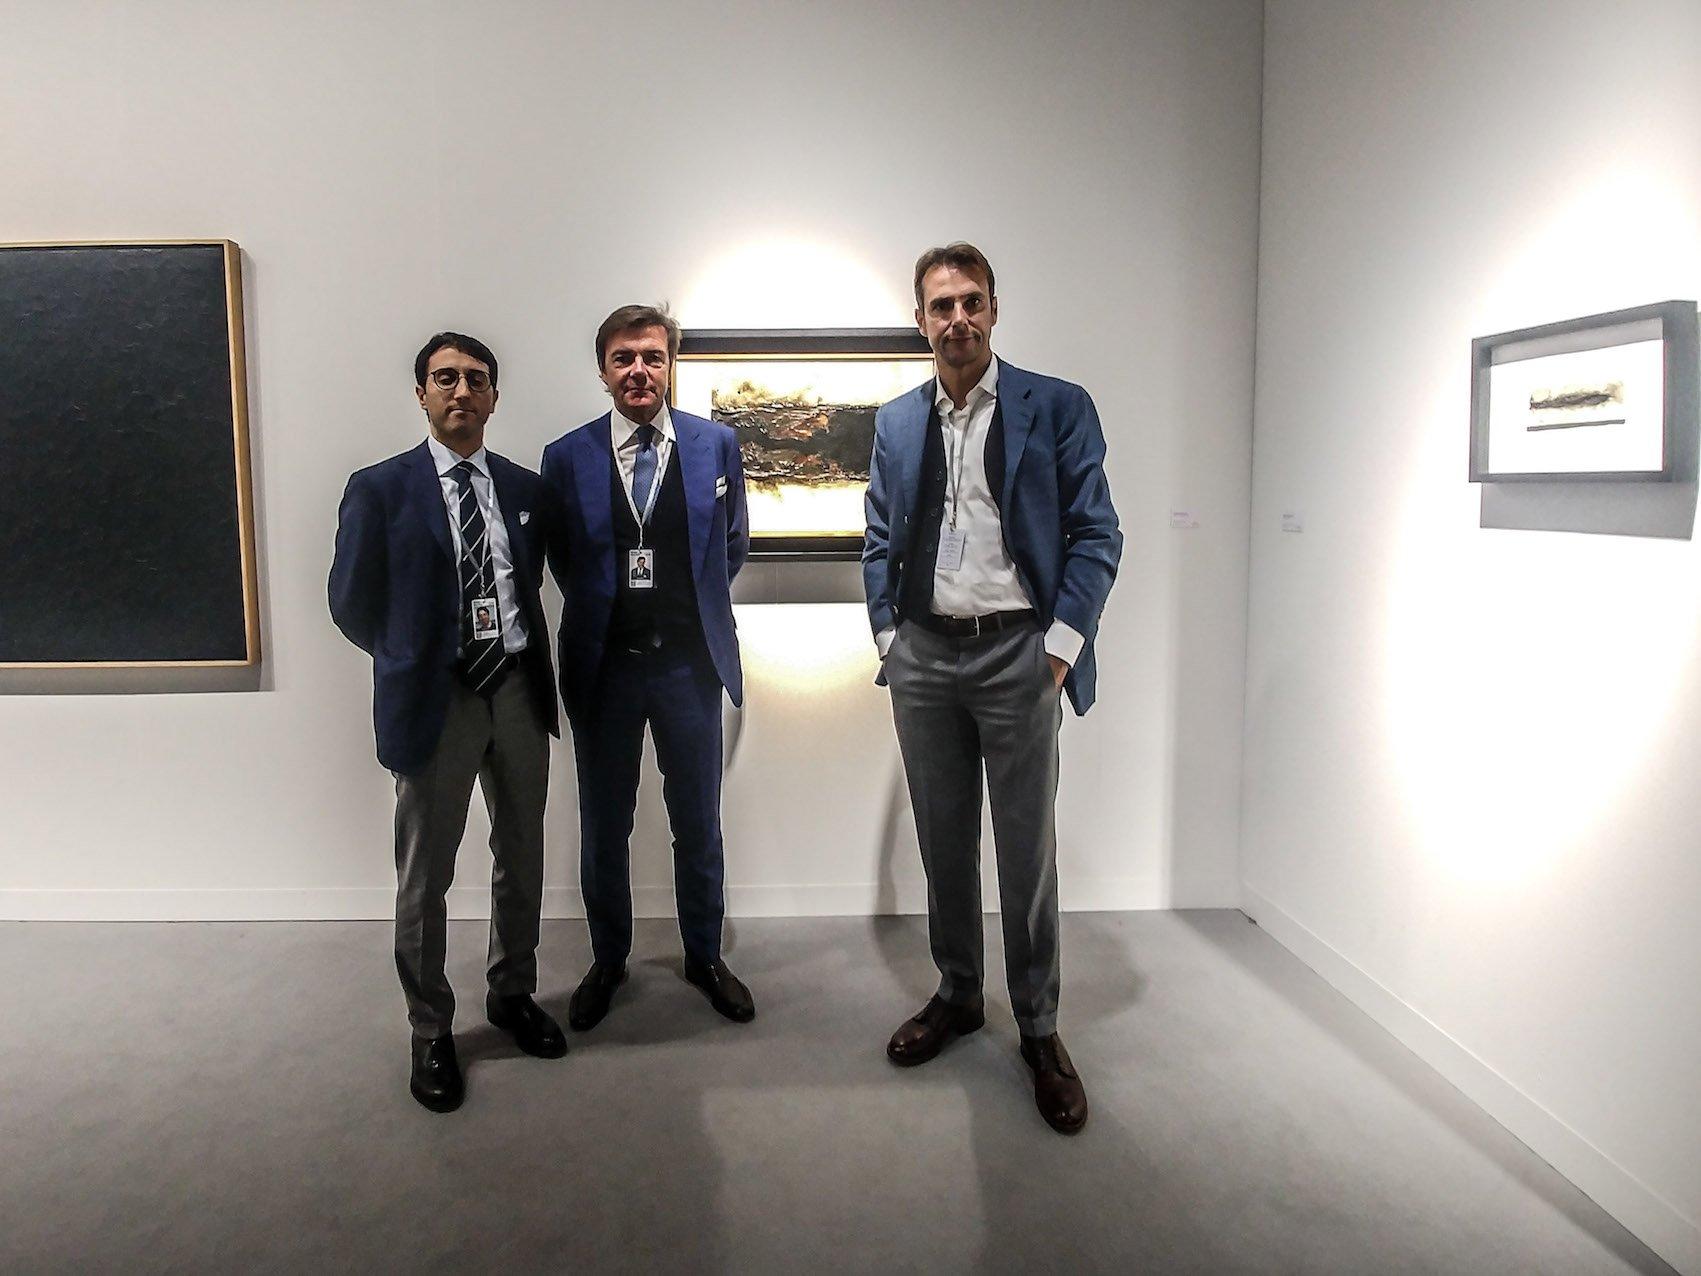 Da sinistra: Jose Graci, Davide e Luigi Mazzoleni con alle spalle Bianco Plastica B 2 di Alberto Burri